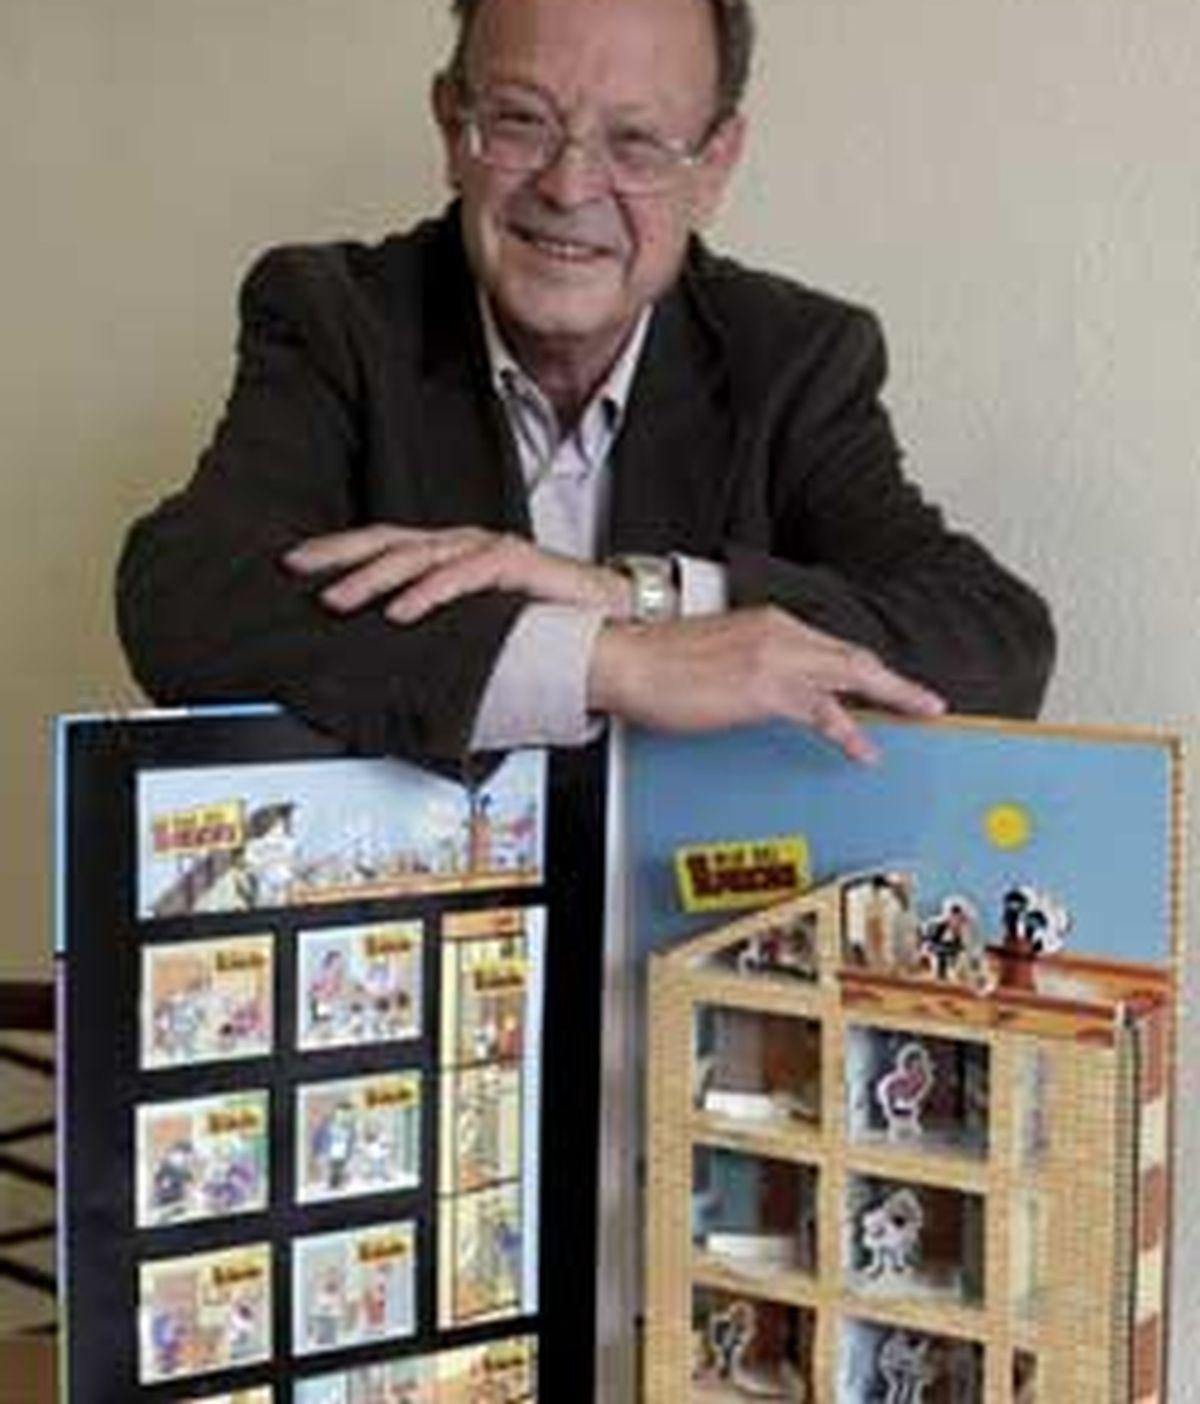 Ibáñez posa con el nuevo libro de '13 Rúe del Percebe'. Foto: EFE